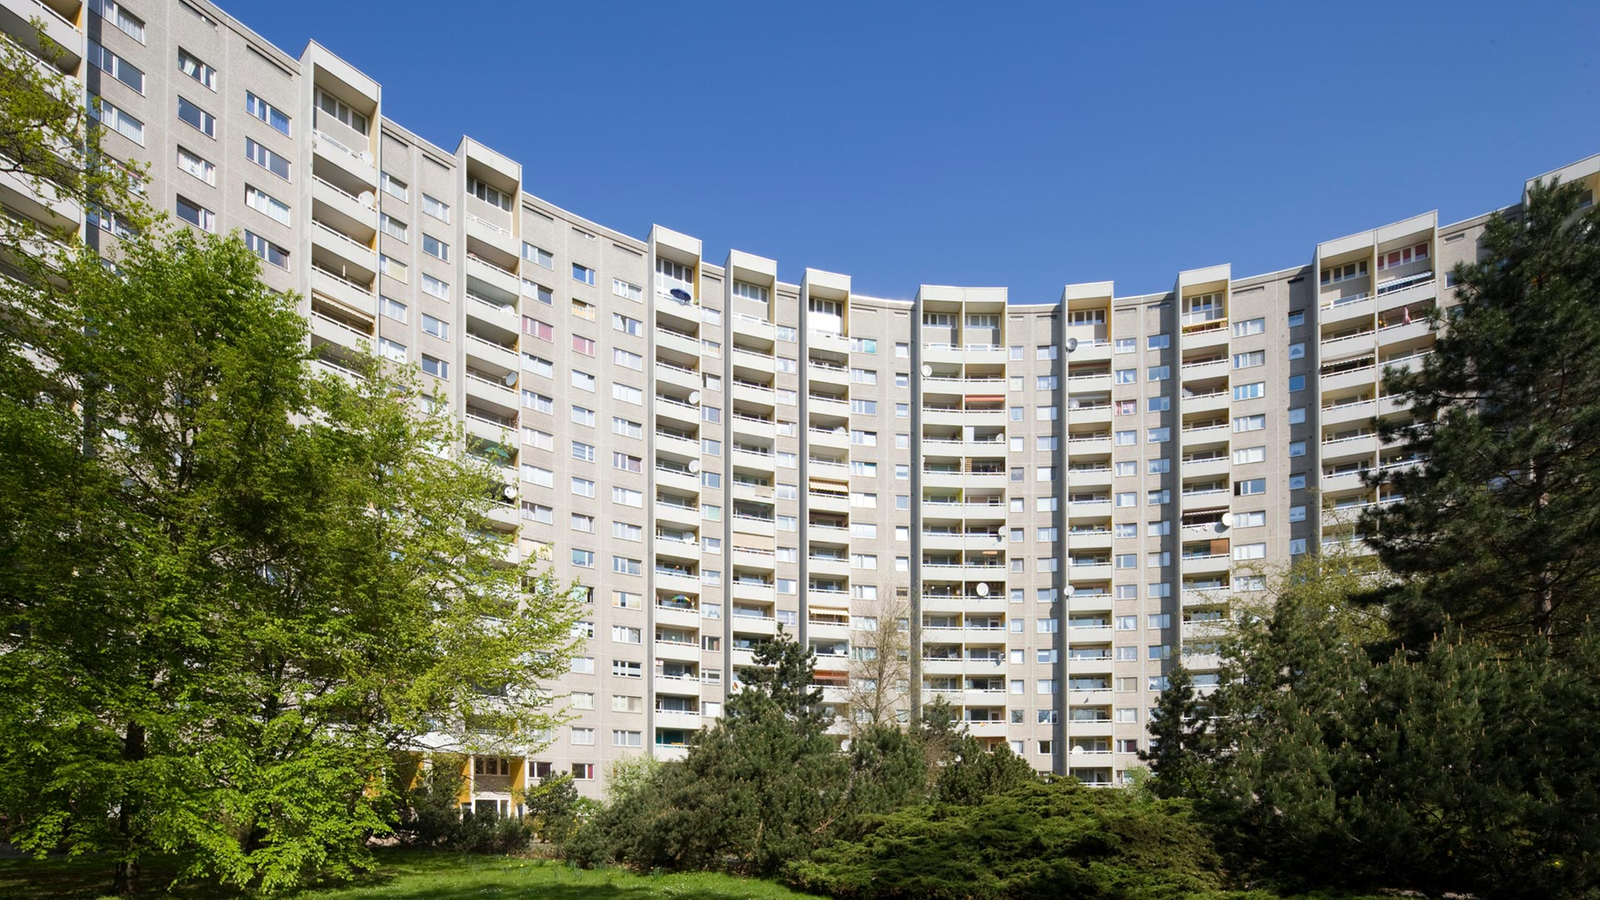 Bauhaus walter gropius architektur kultur planet wissen for Architektur 20er